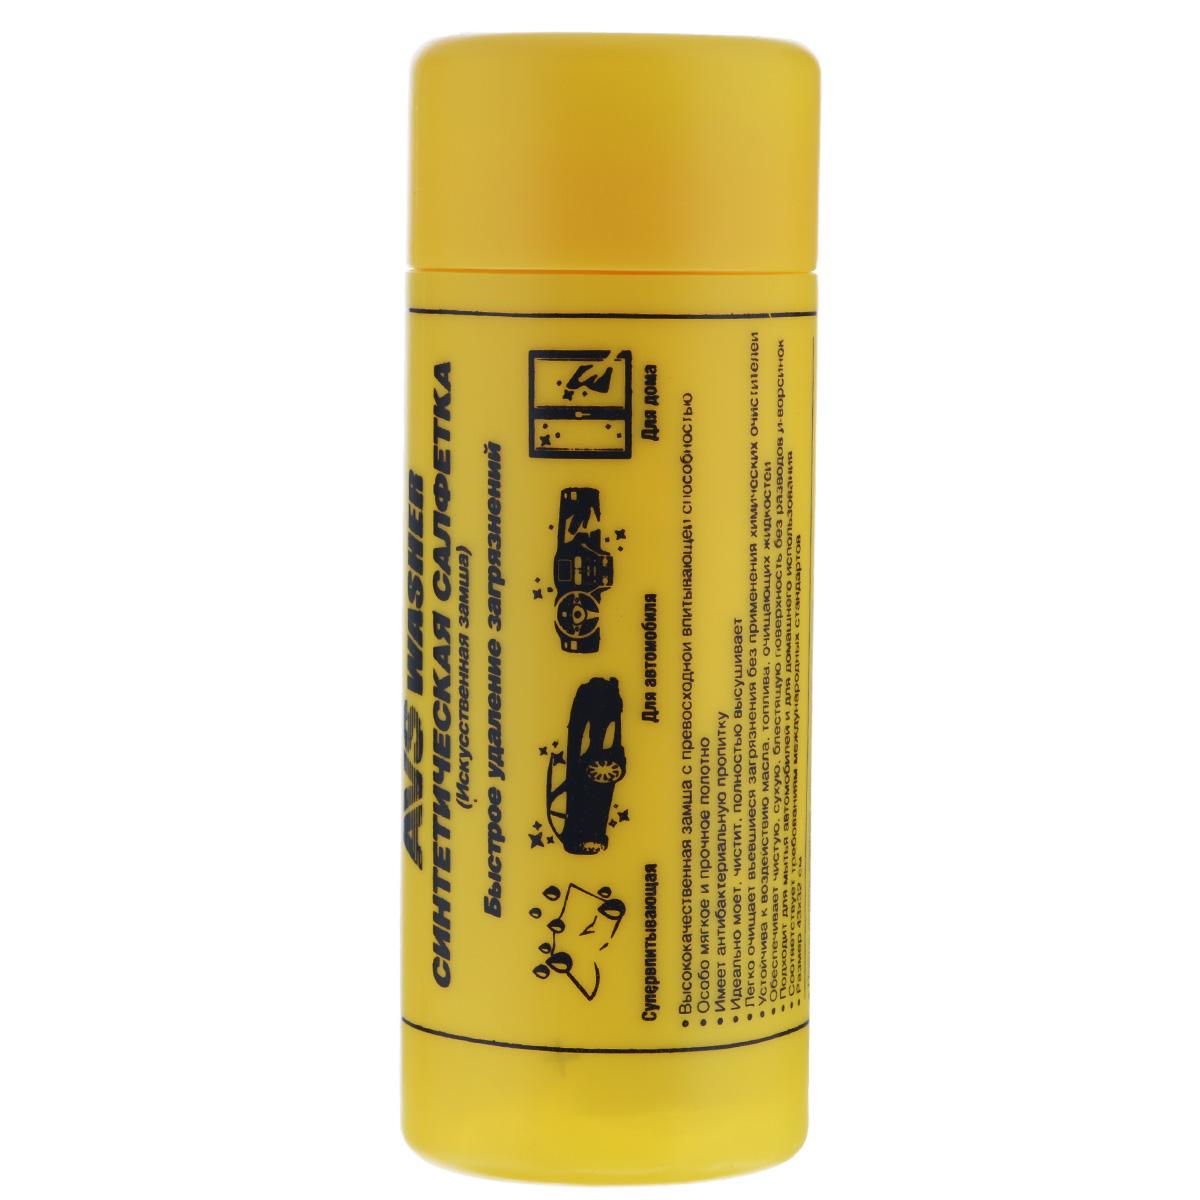 Салфетка синтетическая AVS CH-4332, 43 см х 32 см43446Синтетическая салфетка AVS CH-4332 подходит для мытья автомобиля и для домашнего использования. Салфетка выполнена из искусственной замши. Соответствует требованиям международных стандартов.Особенности:Высококачественная замша с превосходной впитывающей способностью.Особо мягкое и прочное полотно.Имеет антибактериальную пропитку.Идеально моет, чистит, полностью высушивает.Легко очищает въевшиеся загрязнения без применения химических очистителей.Устойчива к воздействию масла, топлива, очищающих жидкостей.Обеспечивает чистую, сухую, блестящую поверхность без разводов и ворсинок. Размер салфетки: 43 см х 32 см.